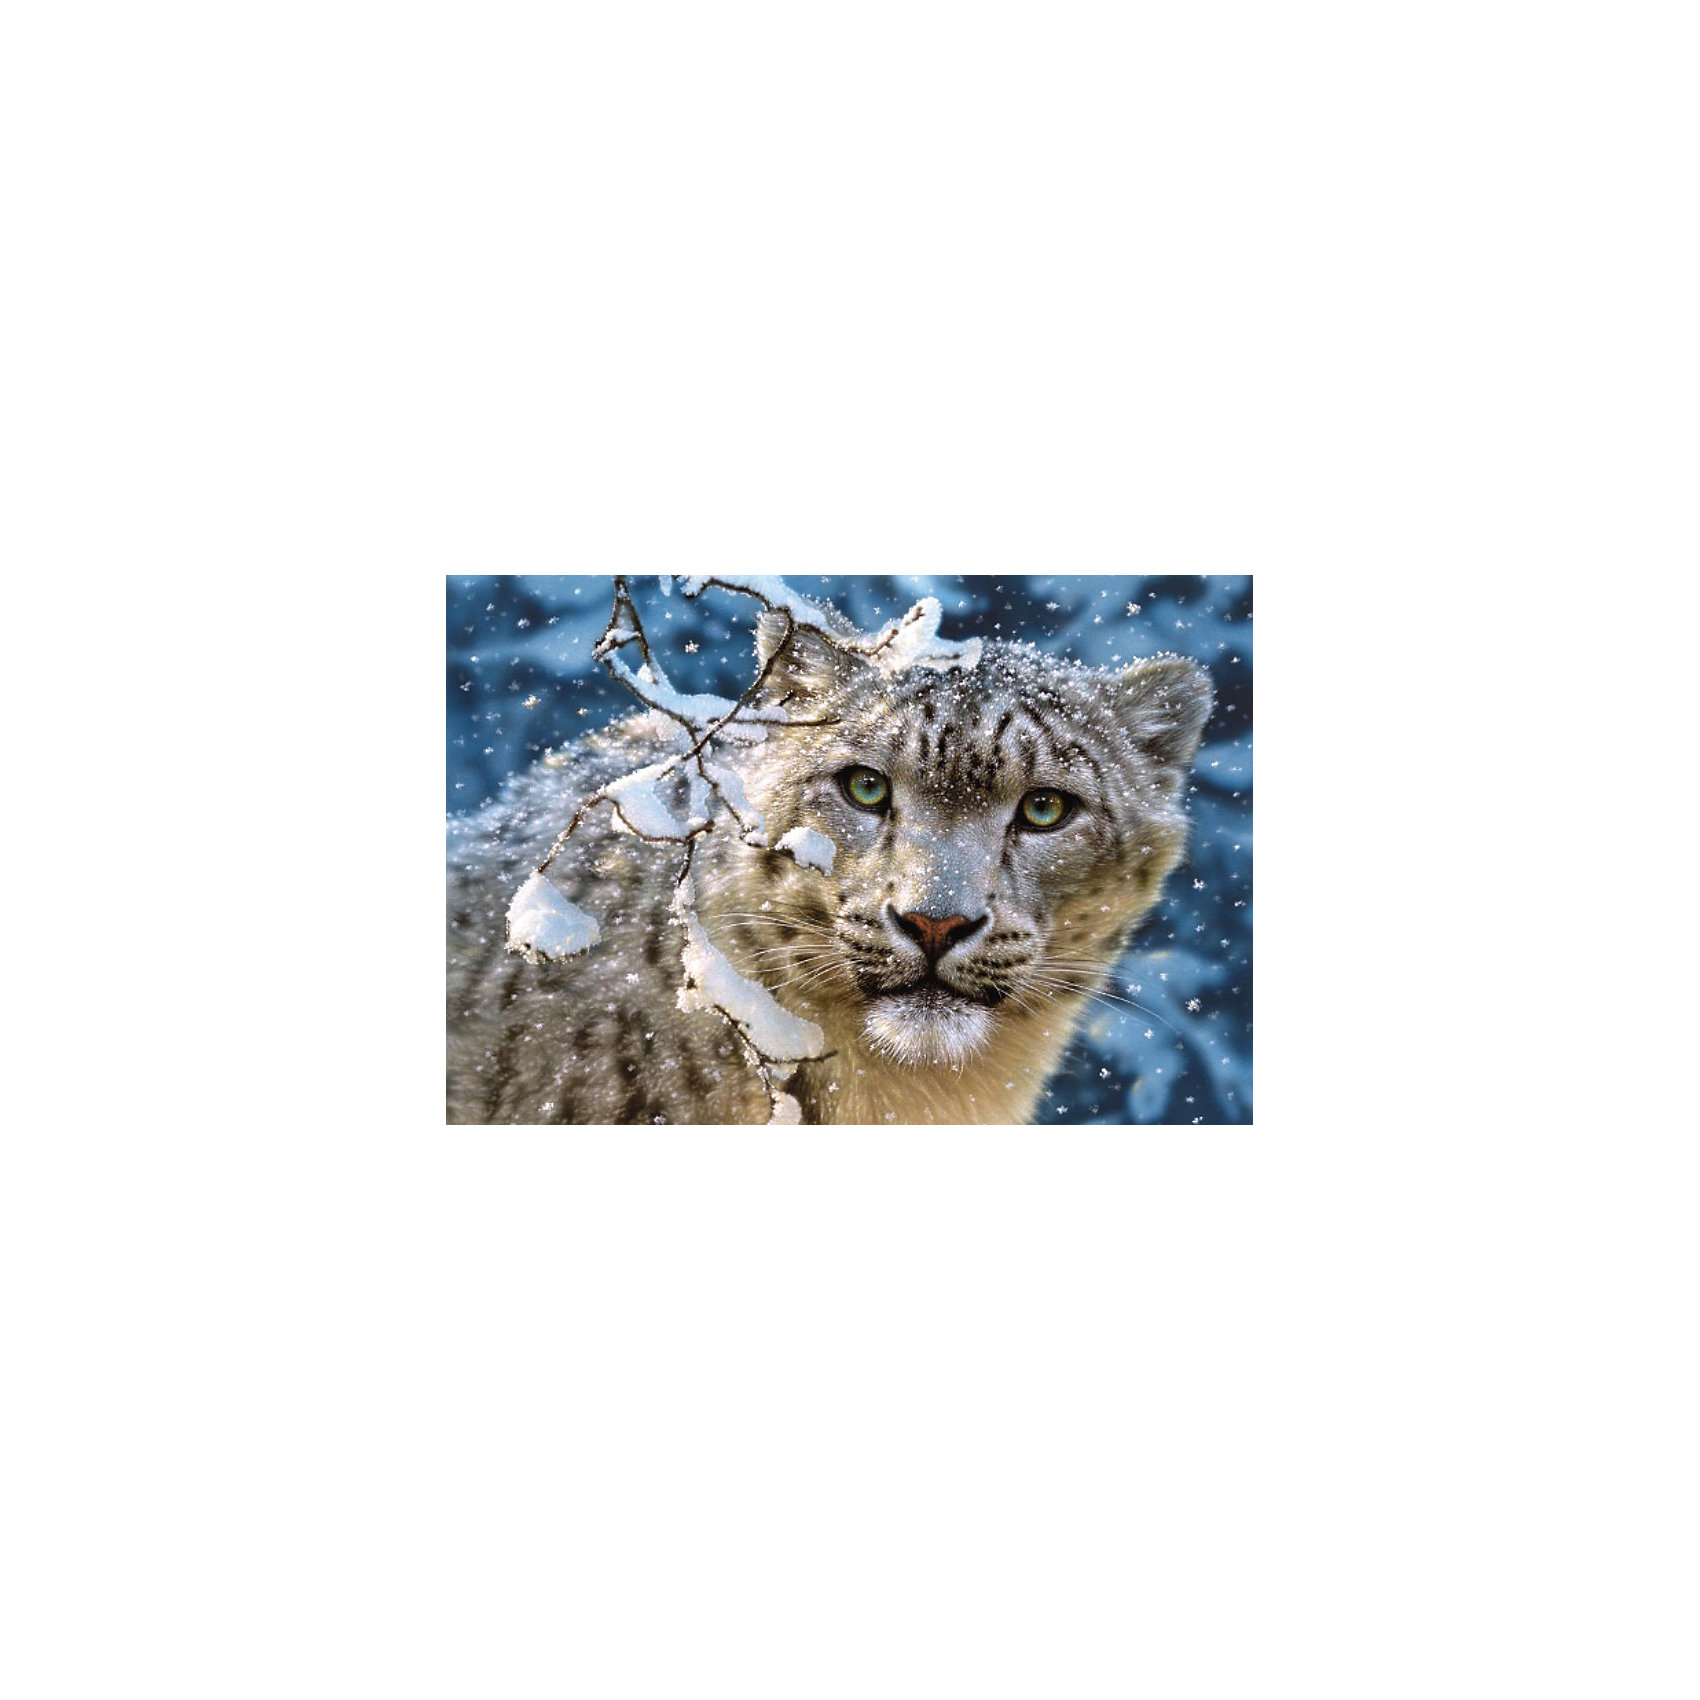 Пазл Снежный леопард, 1500 деталей, CastorlandПазл Снежный леопард, 1500 деталей, Castorland (Касторленд).<br><br>Дополнительная информация:<br><br>- Изображение: Снежный леопард<br>- Количество деталей: 1500<br>- Материал: плотный картон<br>- Размер собранного пазла:   680x470 мм<br>- Размер коробки:  350x250x52 мм<br>- Вес: 850 г.<br><br>Пазл Снежный леопард, 1500 деталей, Castorland можно купить в нашем интернет-магазине.<br><br>Ширина мм: 350<br>Глубина мм: 250<br>Высота мм: 50<br>Вес г: 850<br>Возраст от месяцев: 168<br>Возраст до месяцев: 1188<br>Пол: Унисекс<br>Возраст: Детский<br>Количество деталей: 1500<br>SKU: 2328177